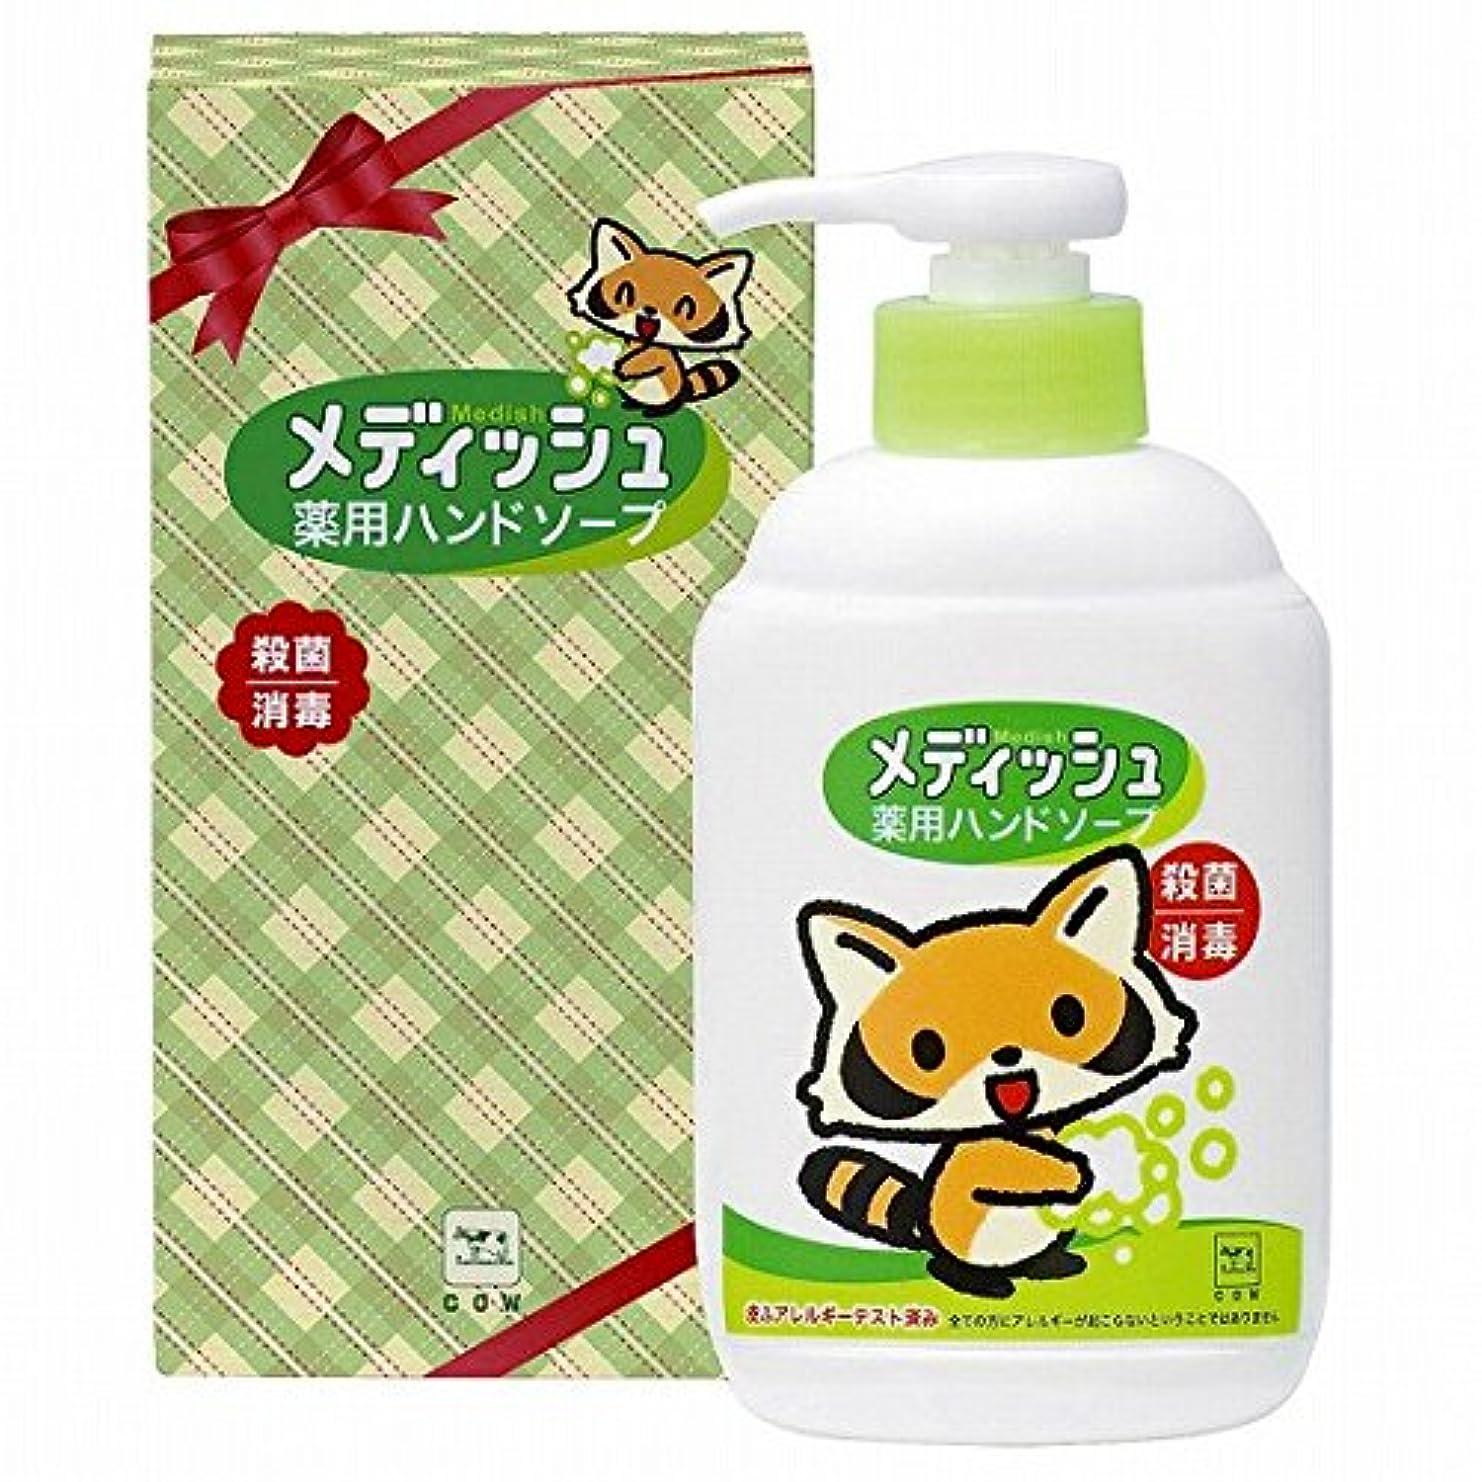 感嘆符担保遵守するnobrand 牛乳石鹸 メディッシュ 薬用ハンドソープ 250ml 箱入(MS35)